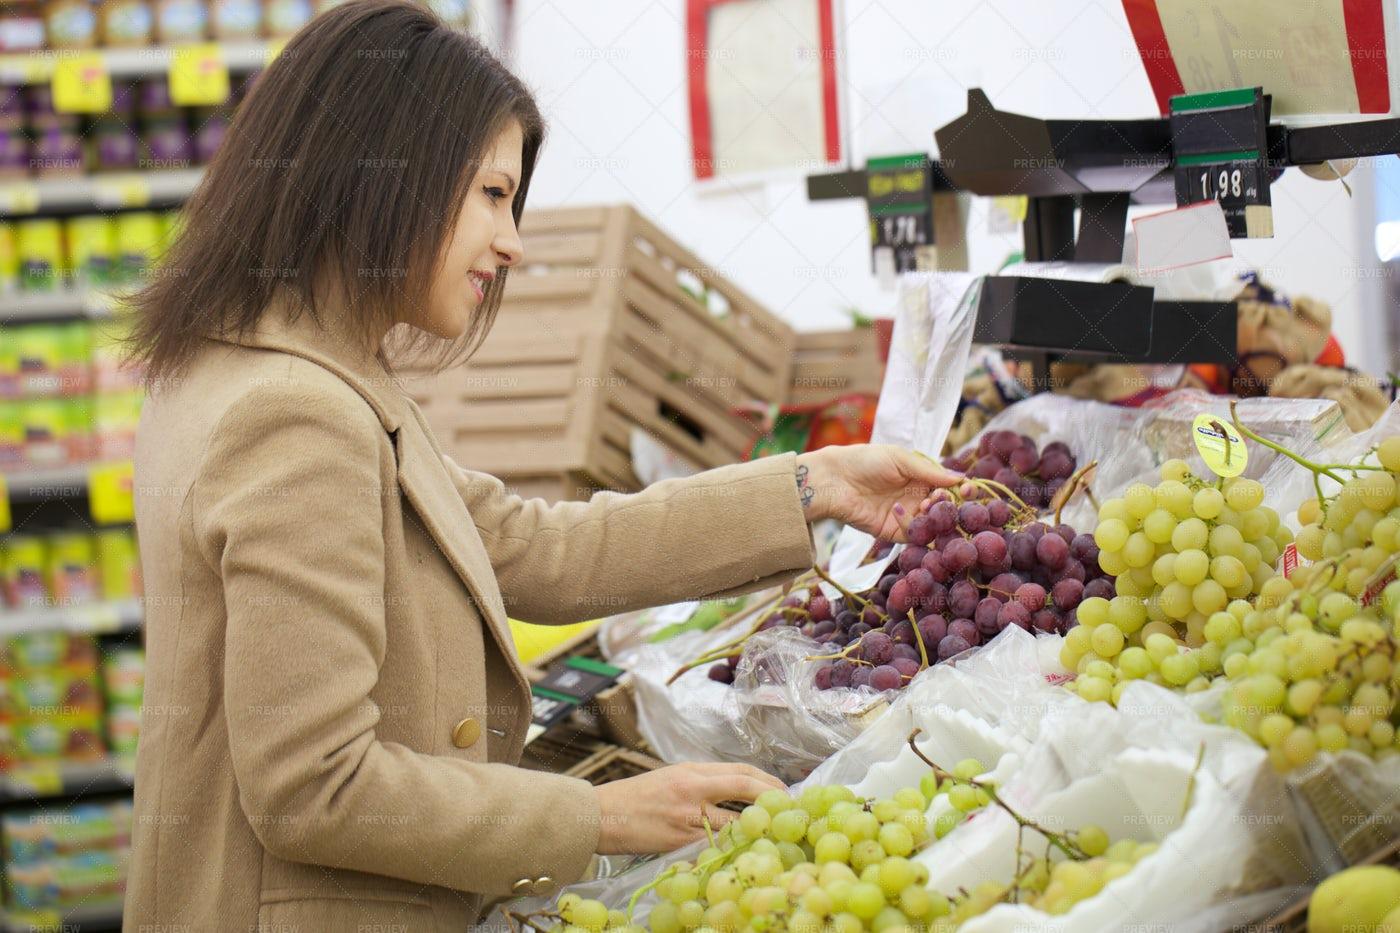 Woman Buying Grapes: Stock Photos